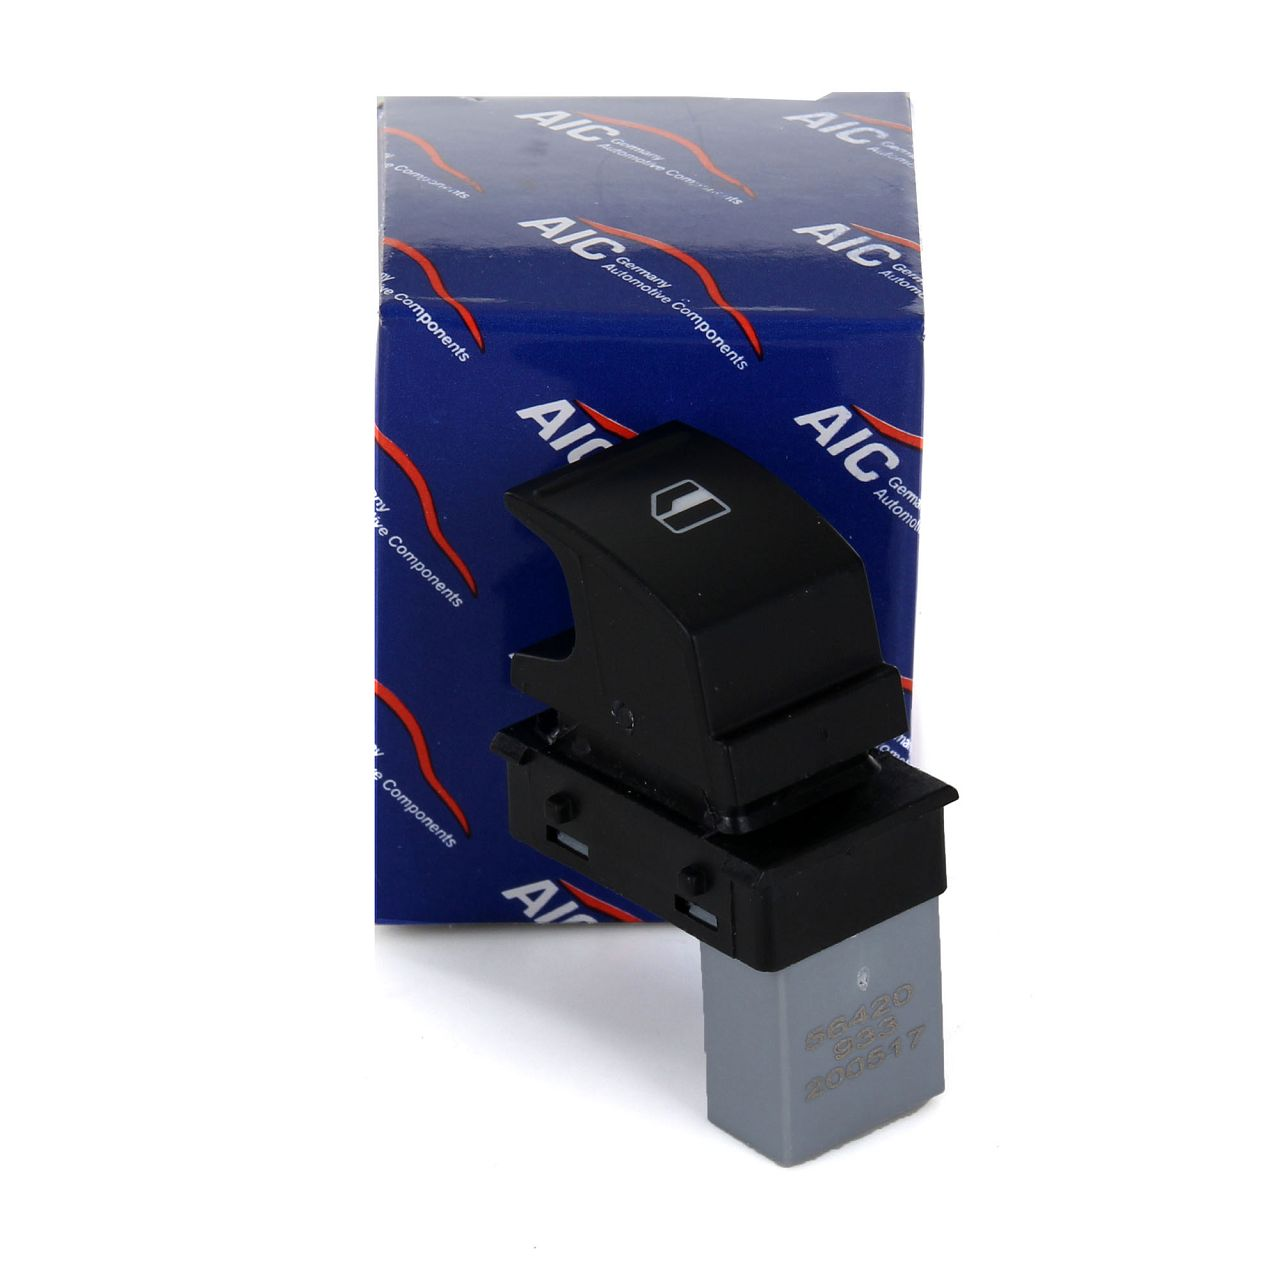 Schalter Fensterheber für SEAT ALHAMBRA IBIZA VW GOLF 5 6 PASSAT T6 vorne/hinten